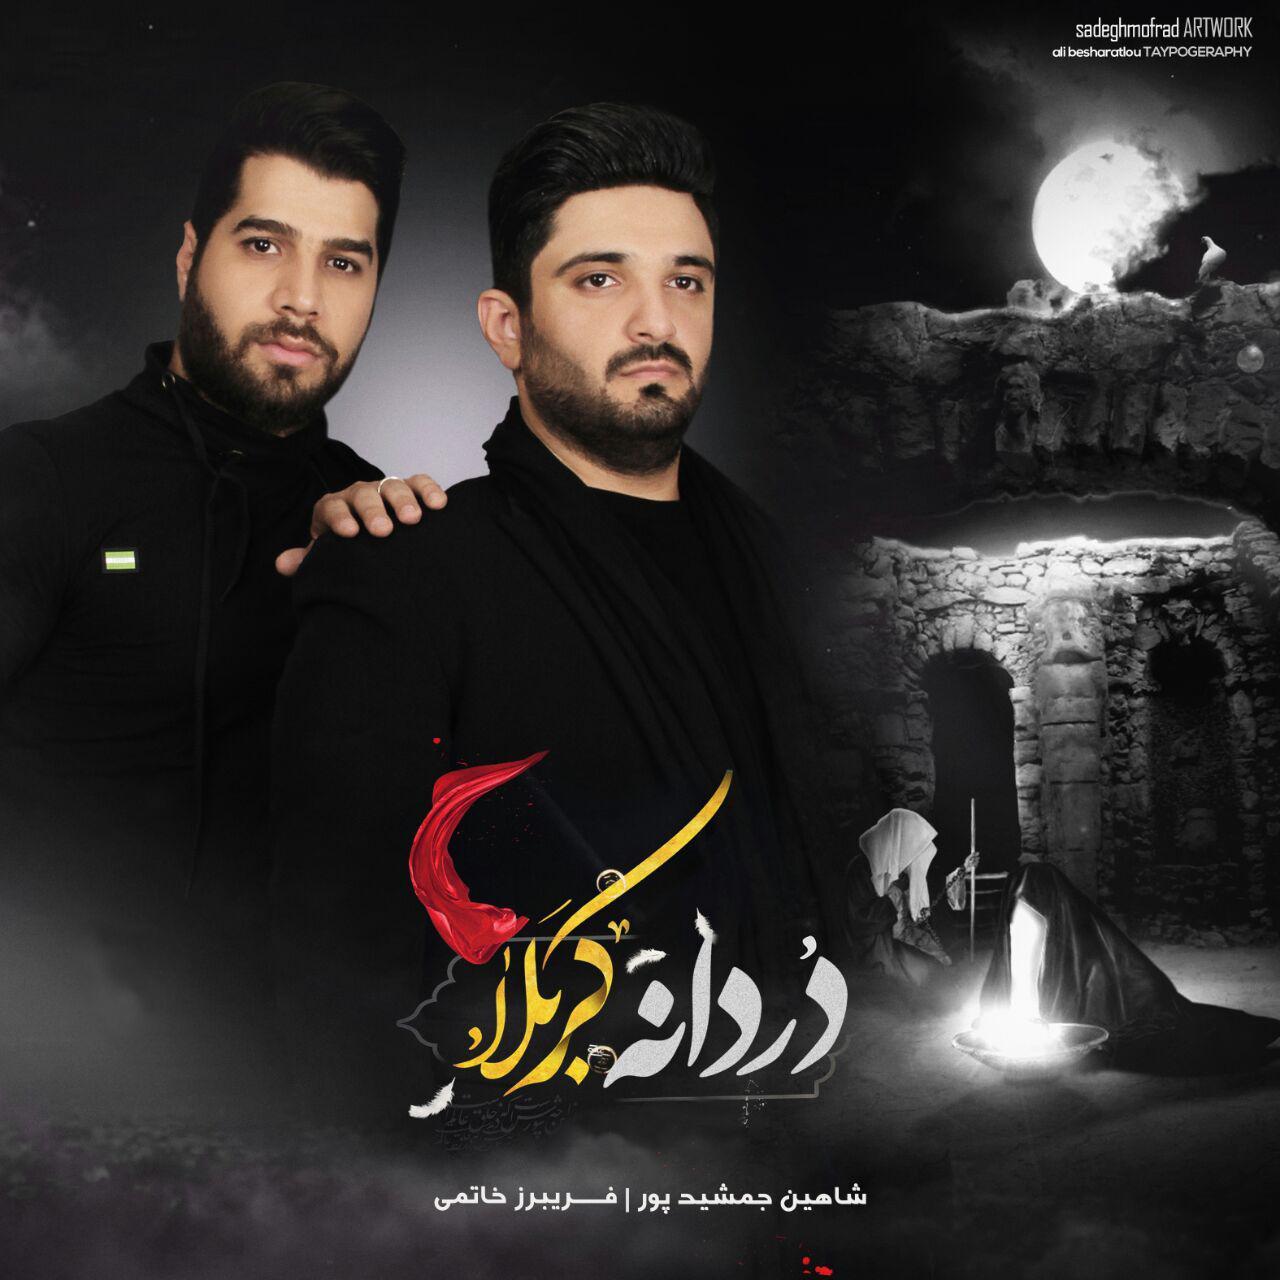 Shahin Jamshidpour – Dordaneh Karbala (Ft Fariborz Khatami)